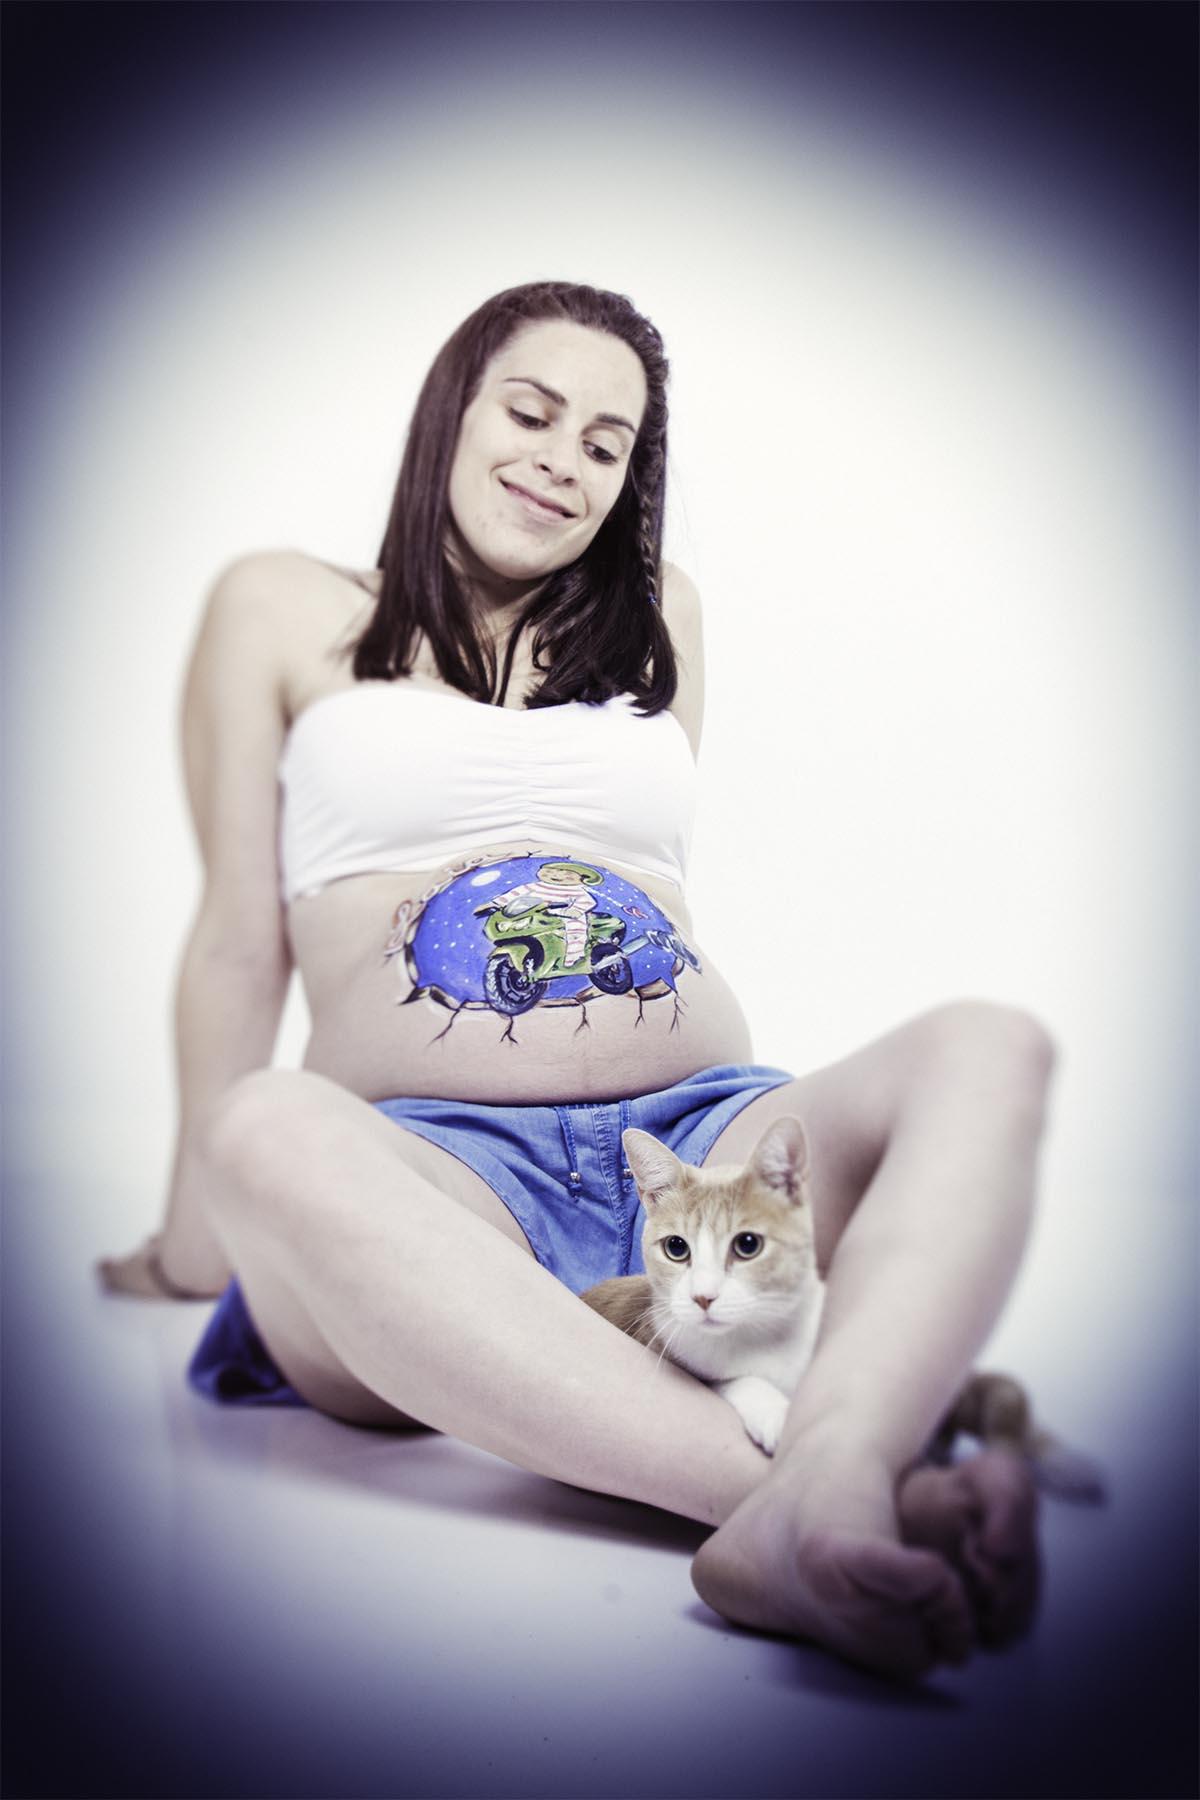 kidsfoto.es Fotografía de Mascotas.- Referente en Zaragoza uno mas de la familia perros familias mascotas gatos fotografia mascotas fotografia mas cotas y familias